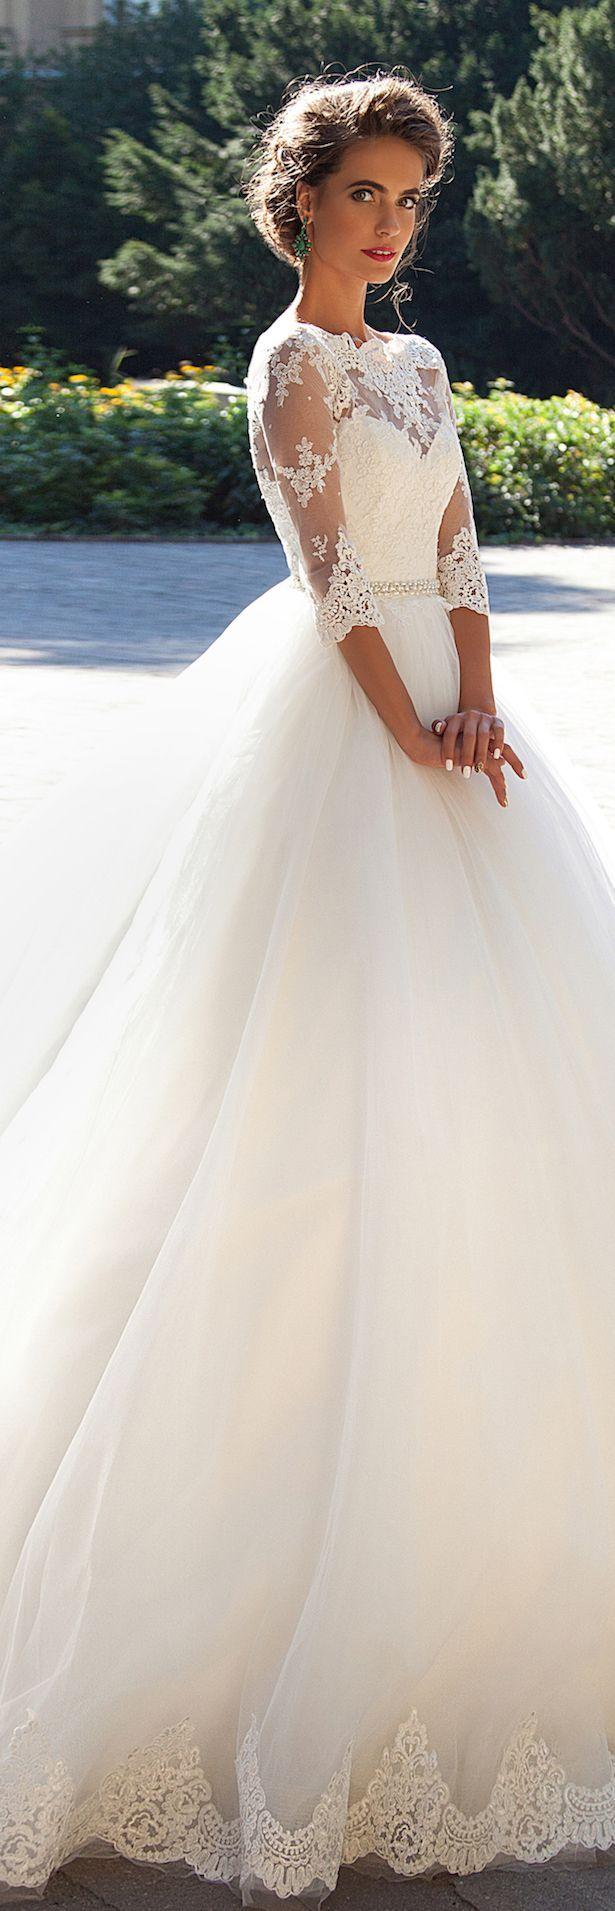 belle photo de robe pour mariage du 92 pas cher